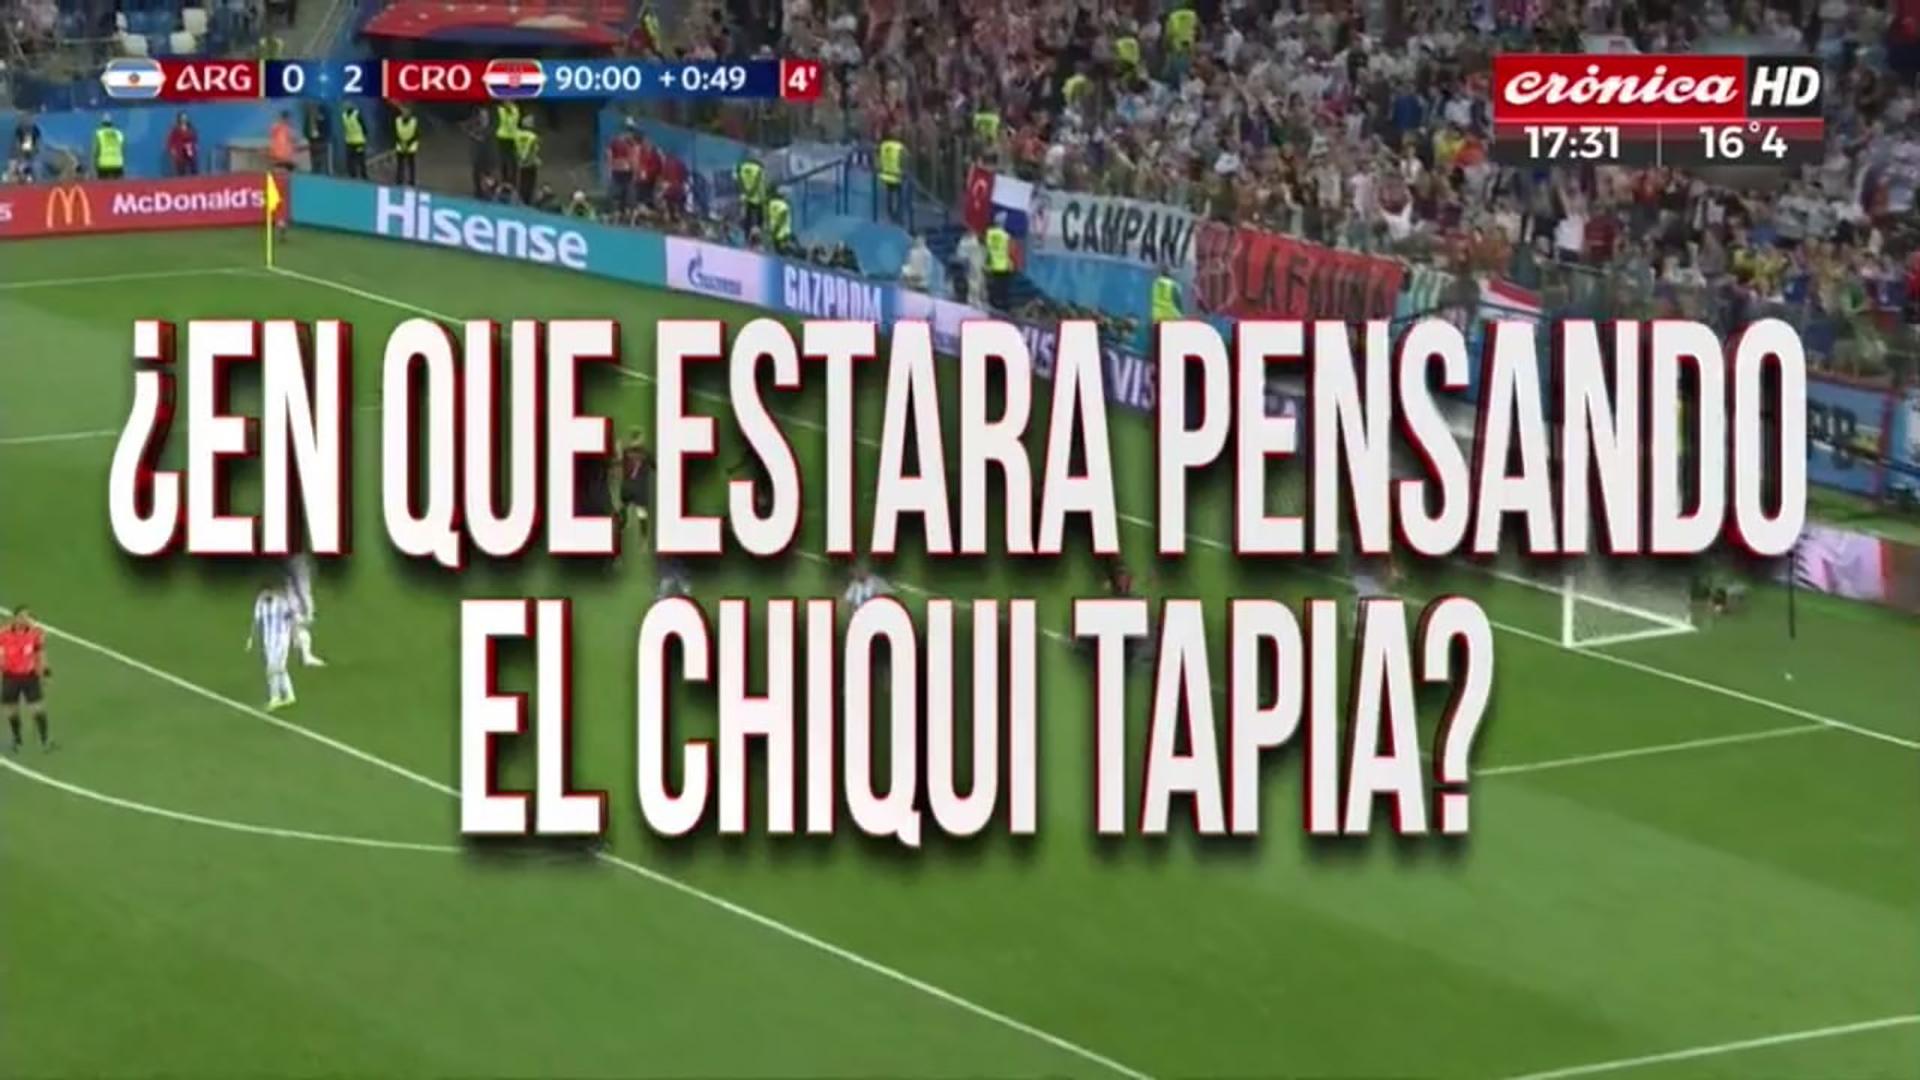 Placa de Crónica HD tras la derrota de la Selección Nacional ante Croacia en el Mundial de Rusia 2018